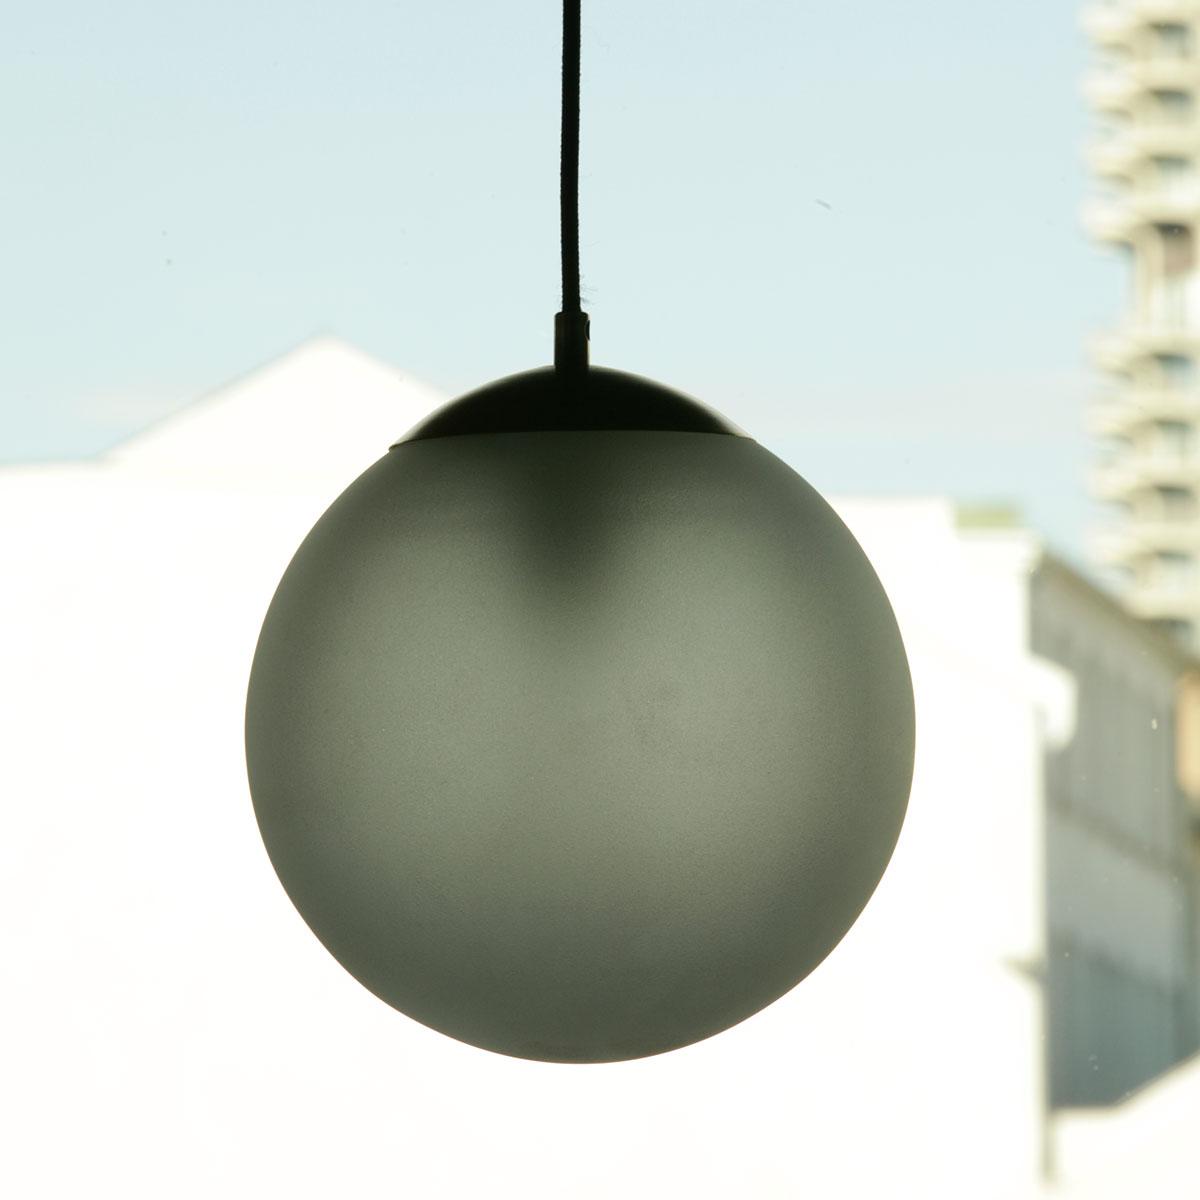 kugel pendelleuchte mit gef rbtem oder klarem glas 22 cm. Black Bedroom Furniture Sets. Home Design Ideas